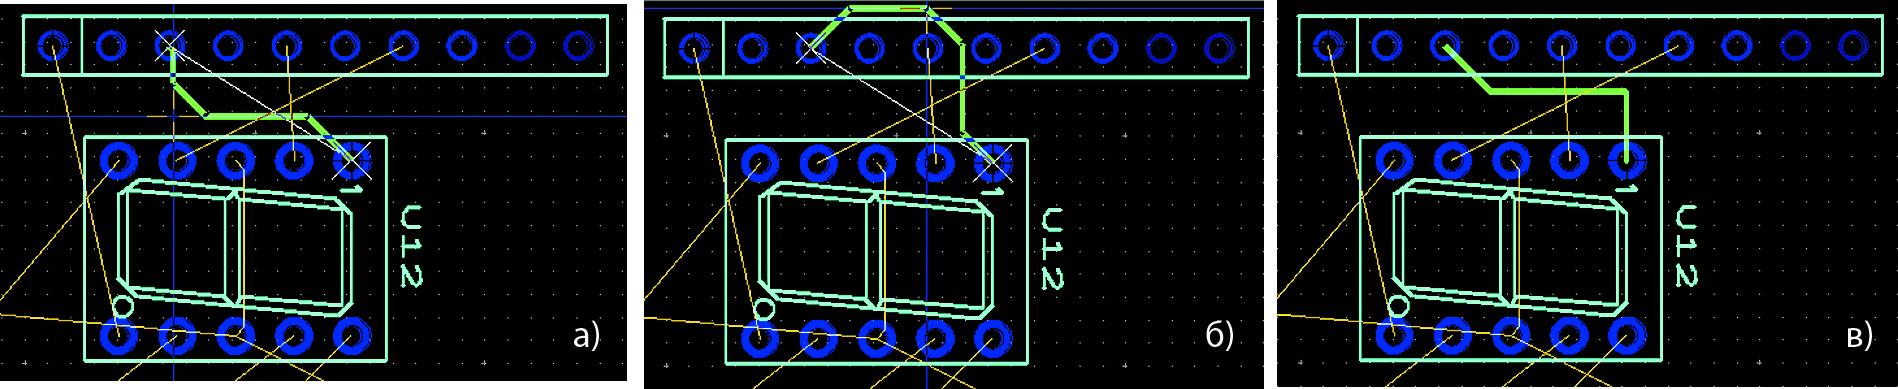 Предложенные системой варианты маршрута проводника в режиме «От точки до точки»